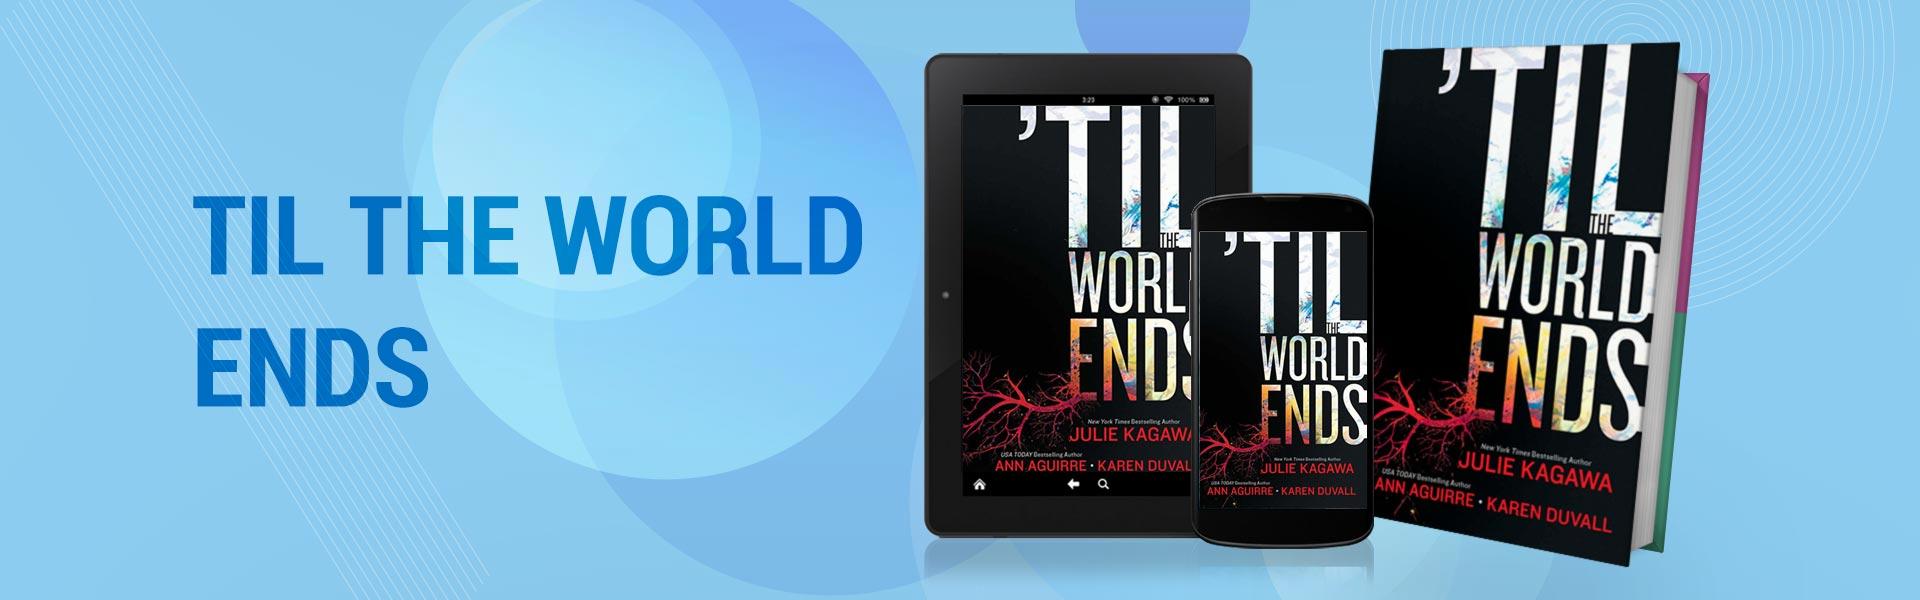 TIL-THE-WORLD-ENDS